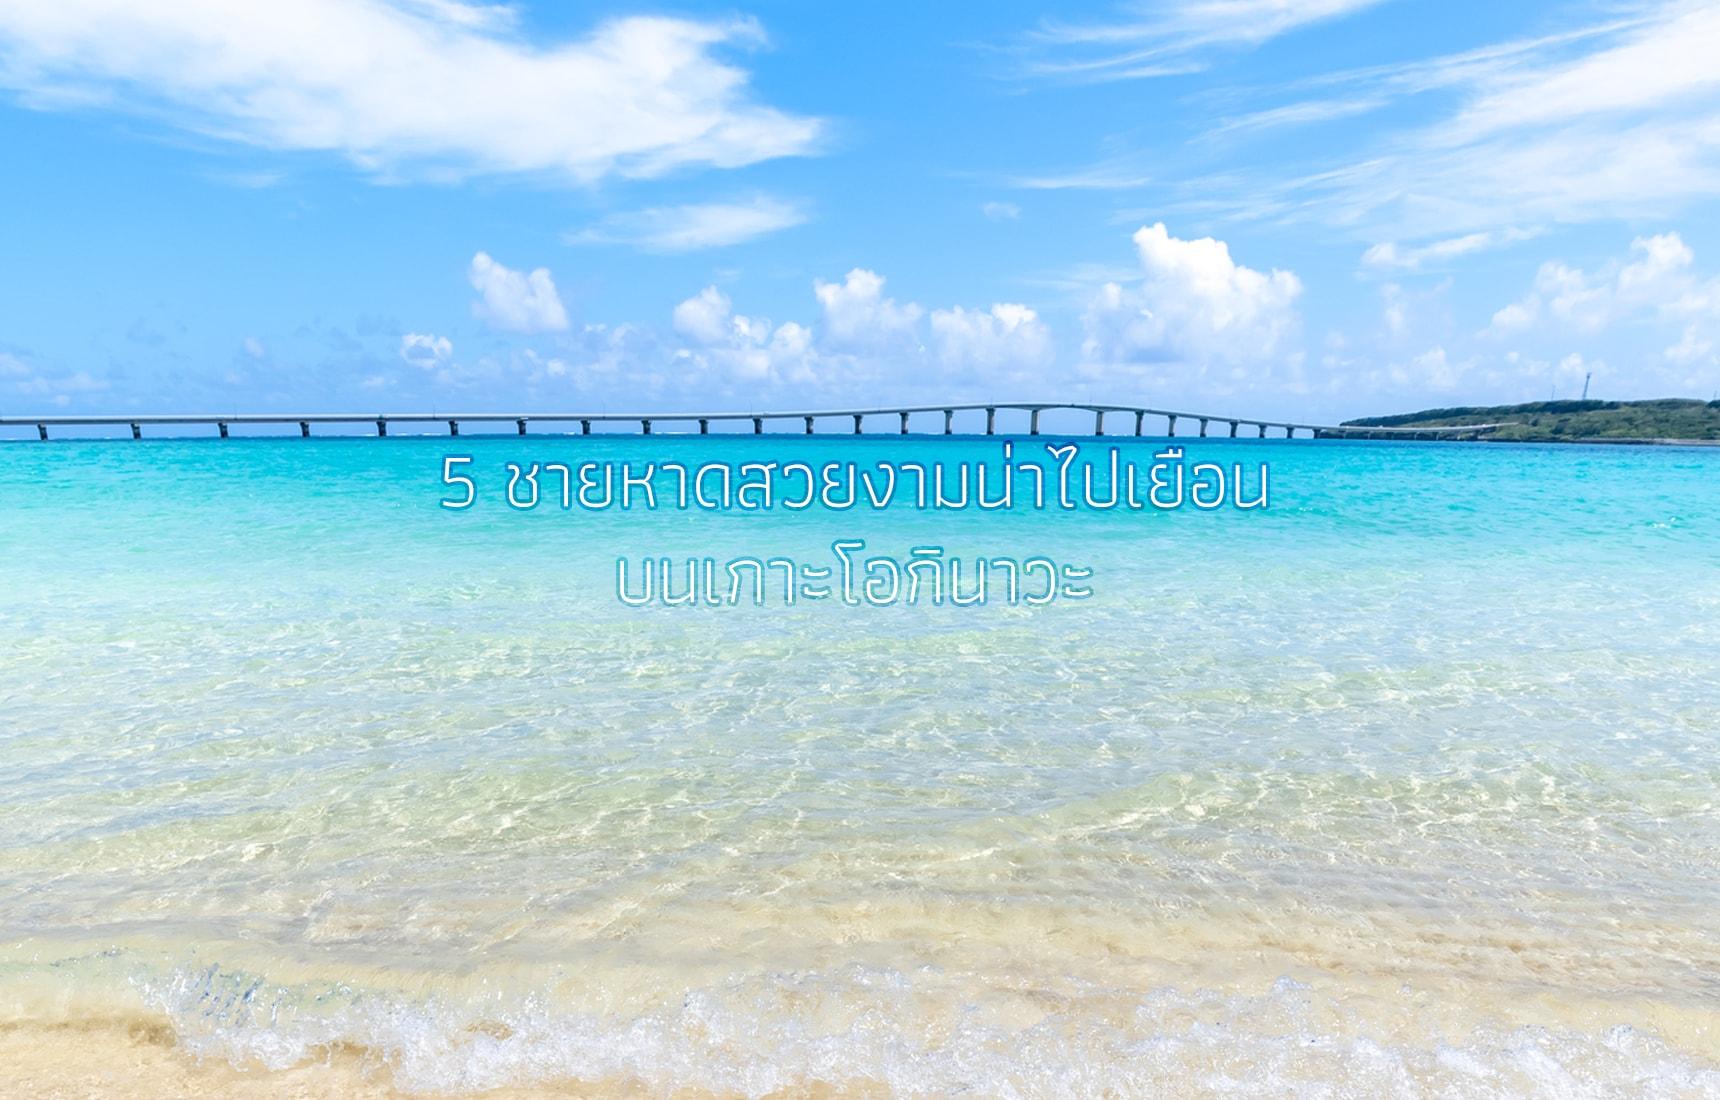 5 ชายหาดสวยงามน่าไปเยือนบนเกาะโอกินาวะ